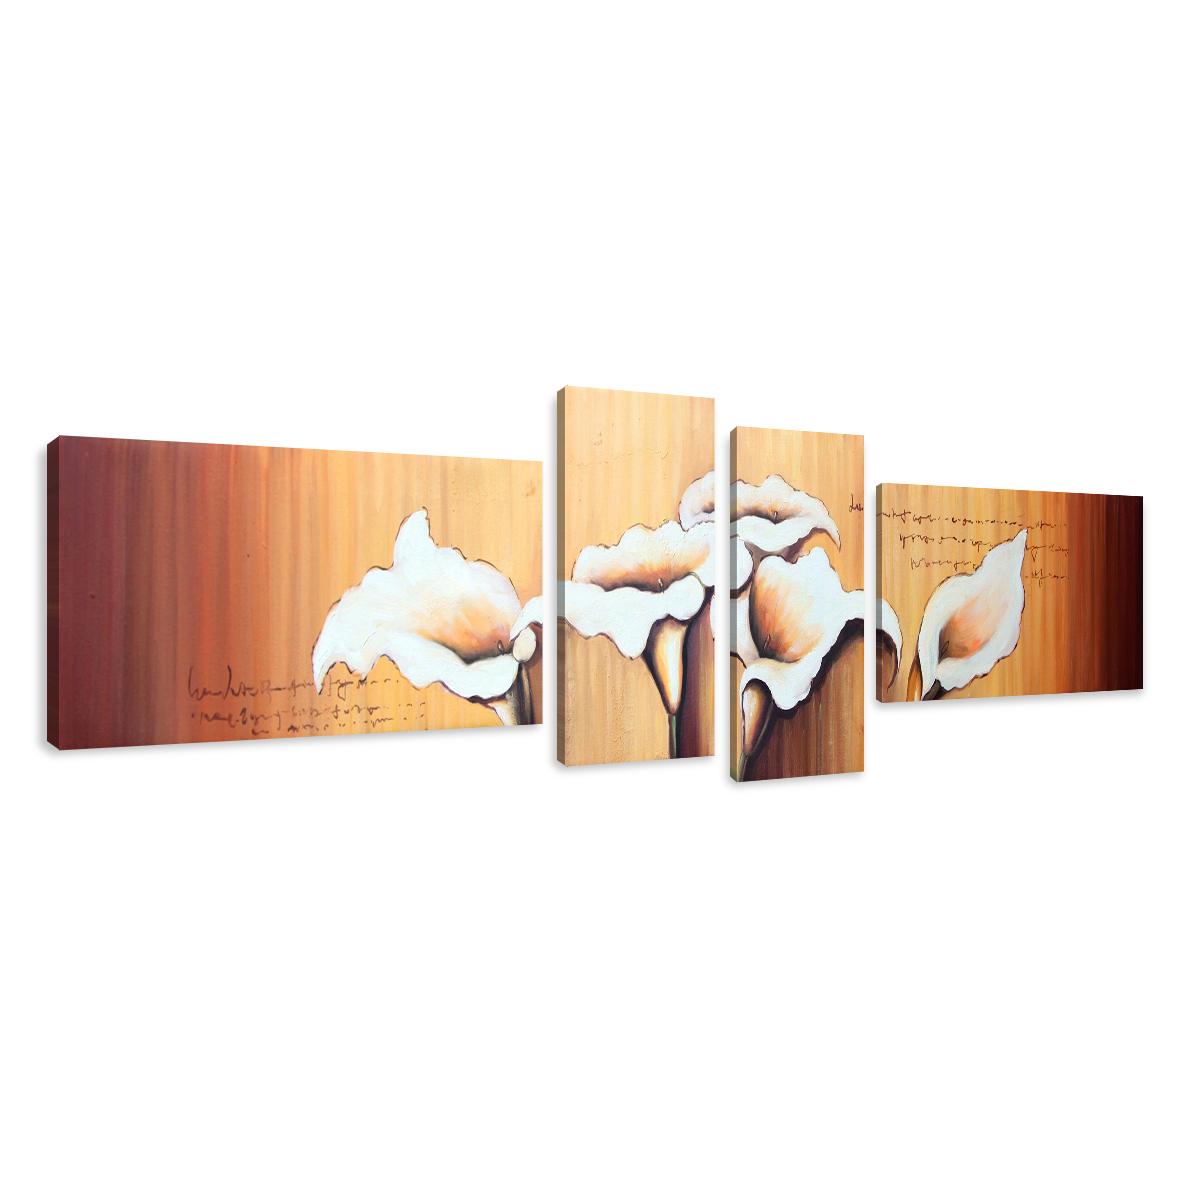 leinwand wandbilder verschiedene bilder motive 145 x 30 cm vierteilig 1584 d1 ebay. Black Bedroom Furniture Sets. Home Design Ideas